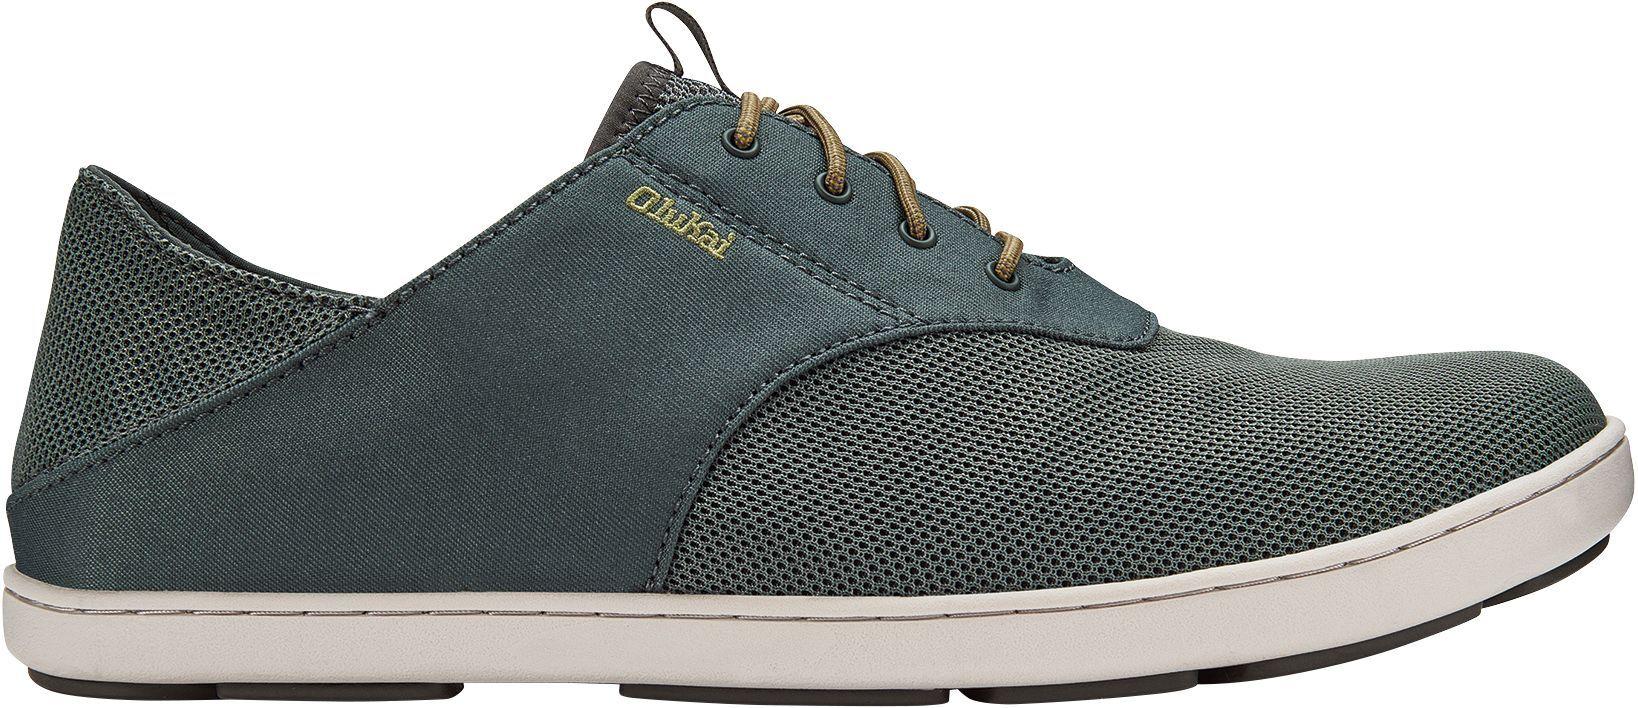 OluKai Men's Nohea Moku Casual Shoes, Gray